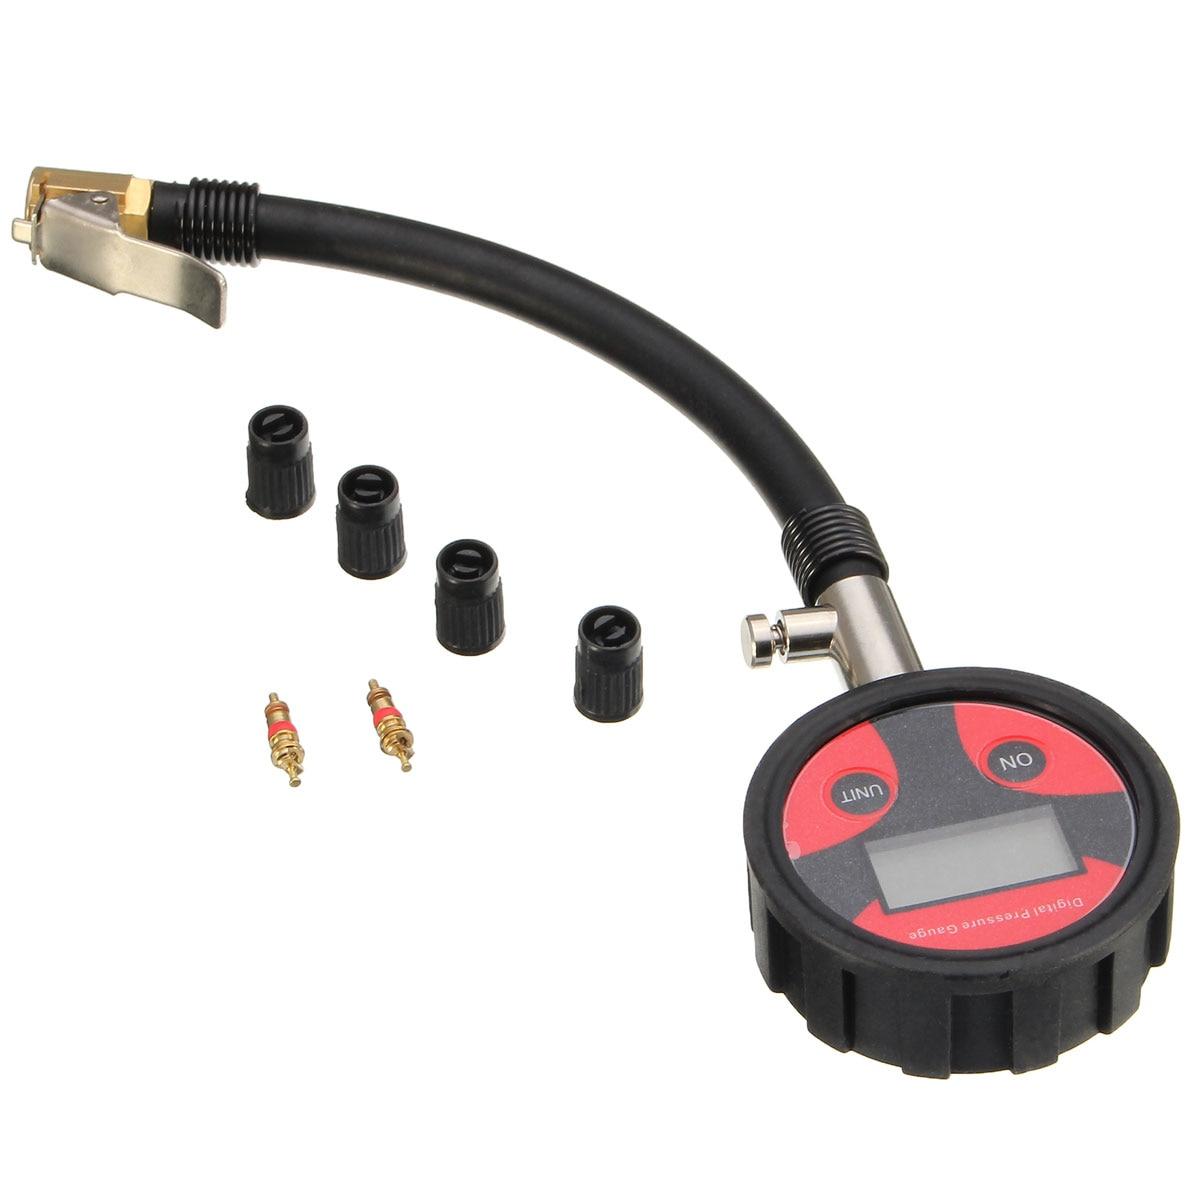 все цены на New 0-200PSI Metal Digital Tire LCD Manometer Air Pressure Gauge PSI BAR KPA